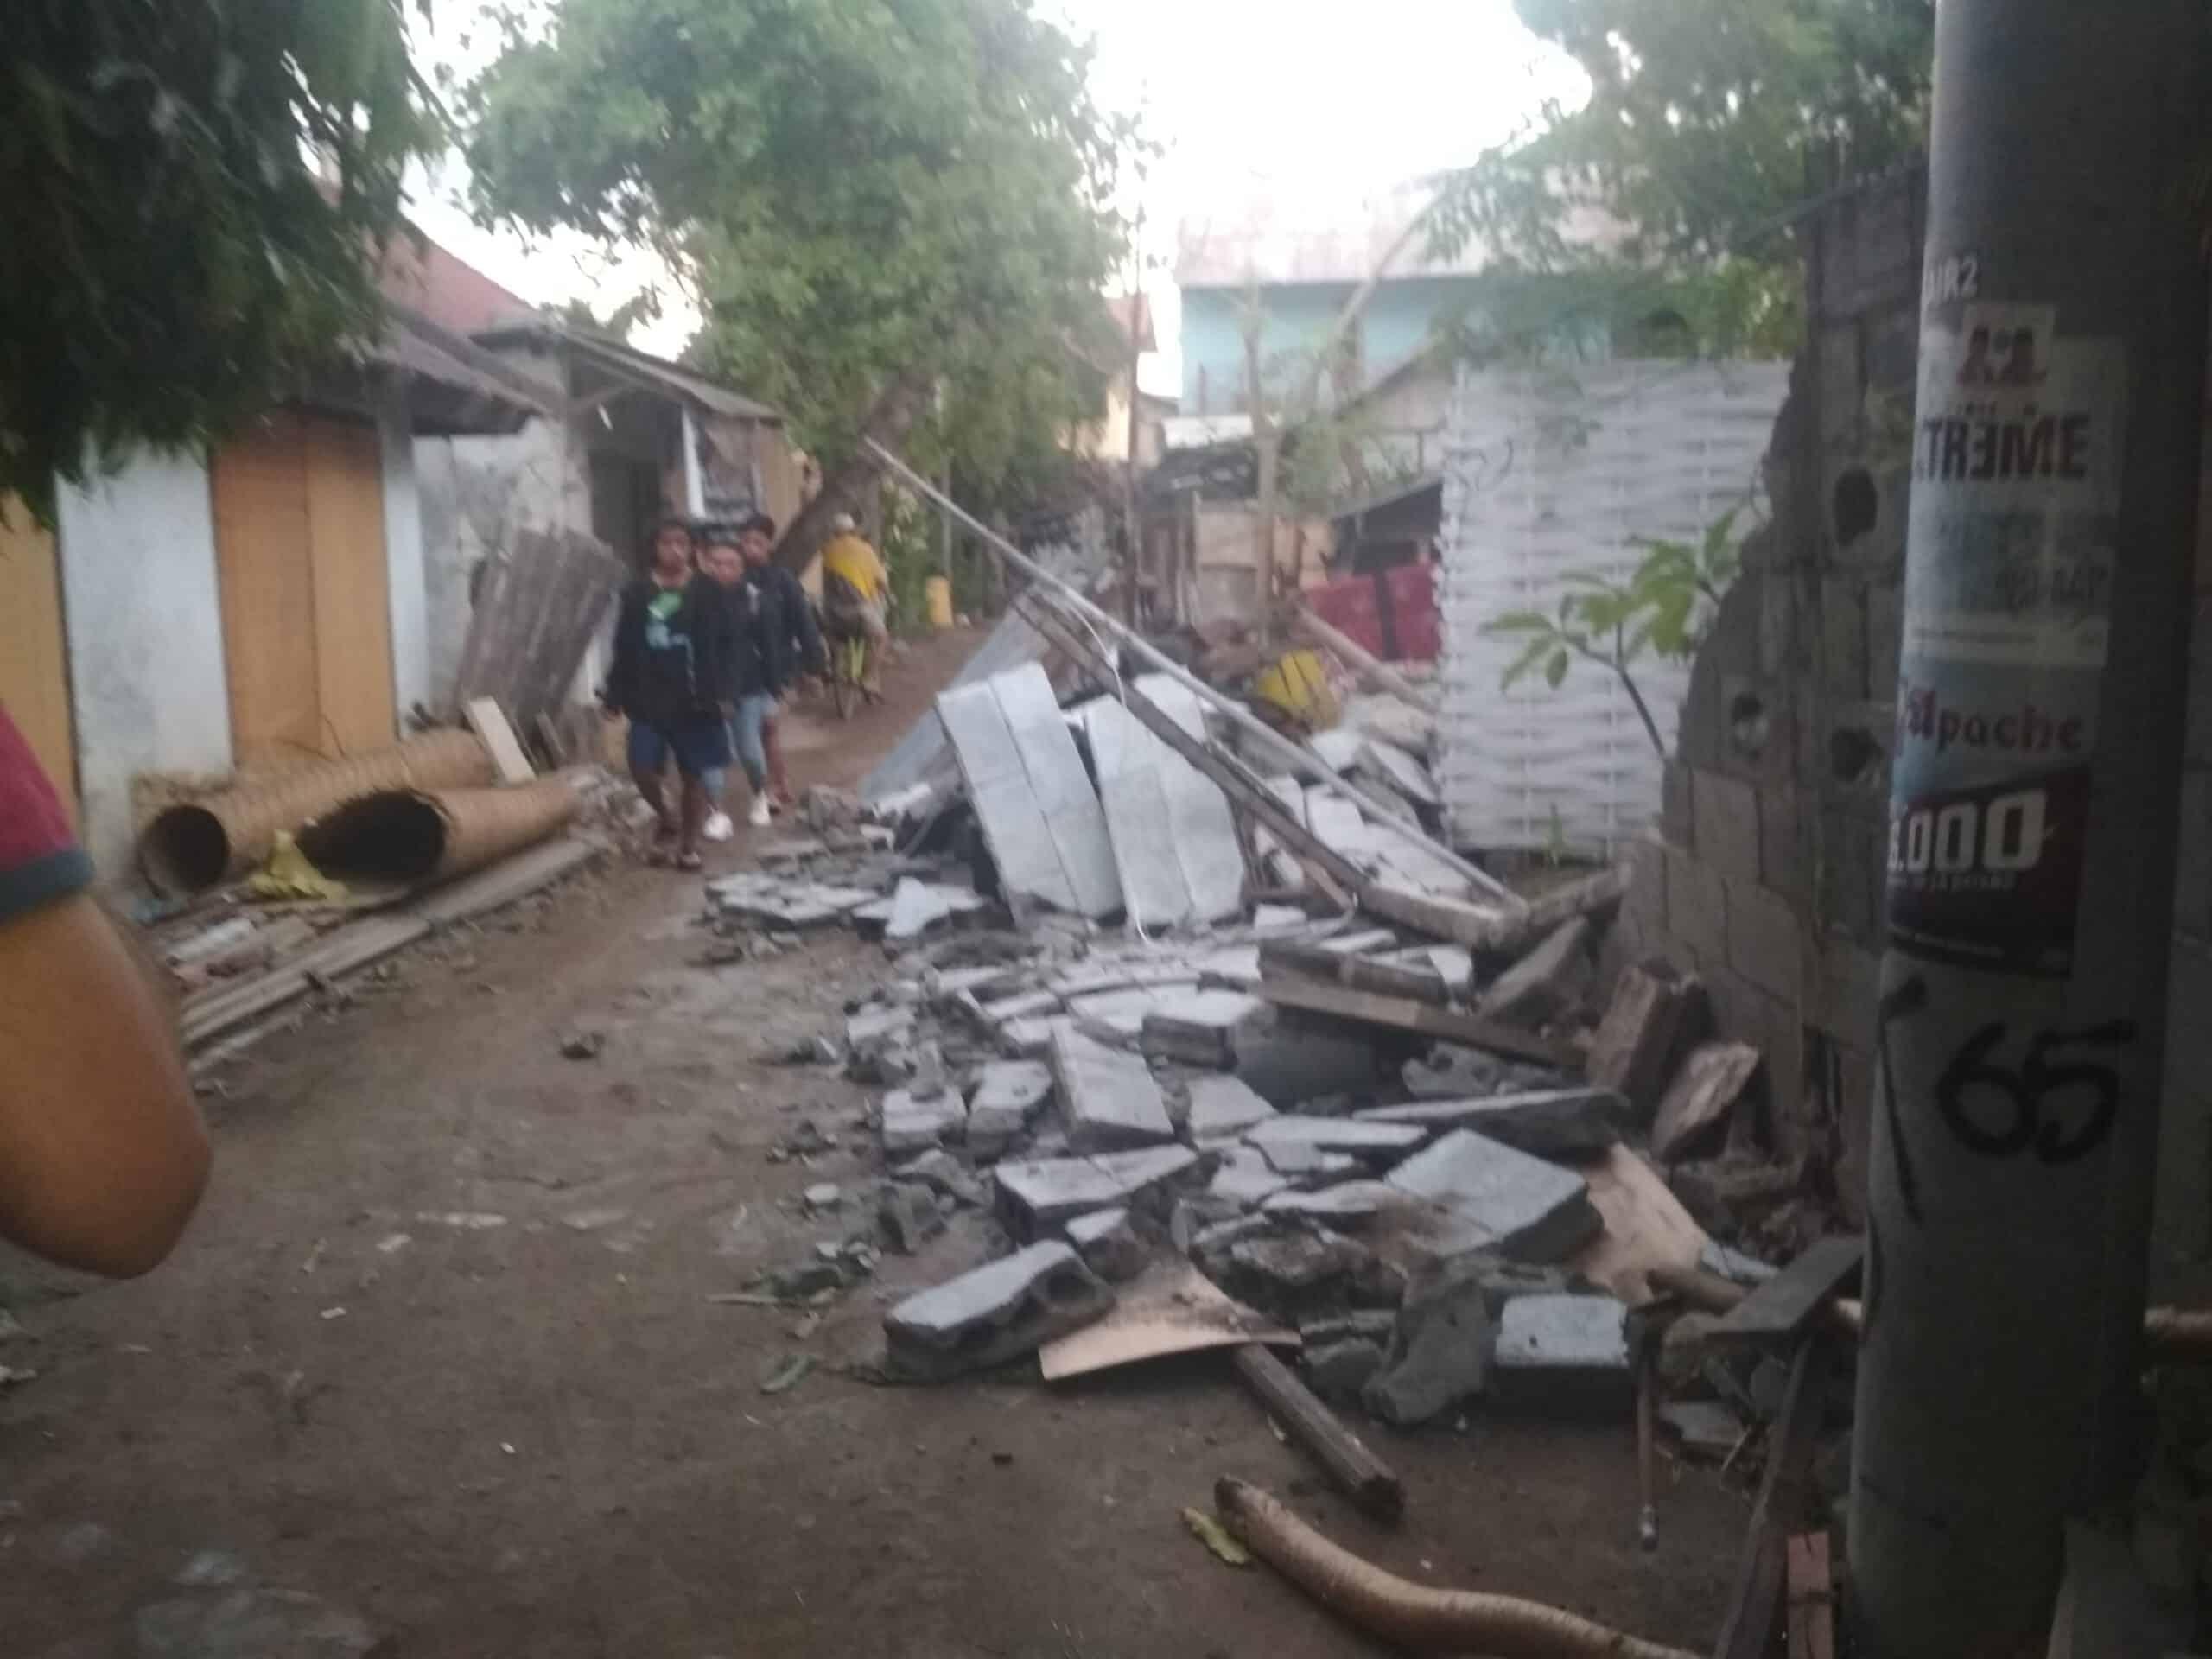 Gili Trawangan Terremoto de Lombok 03 scaled - Relato de mi experiencia vivida en el terremoto de Lombok de 6.9 ocurrido en 2018